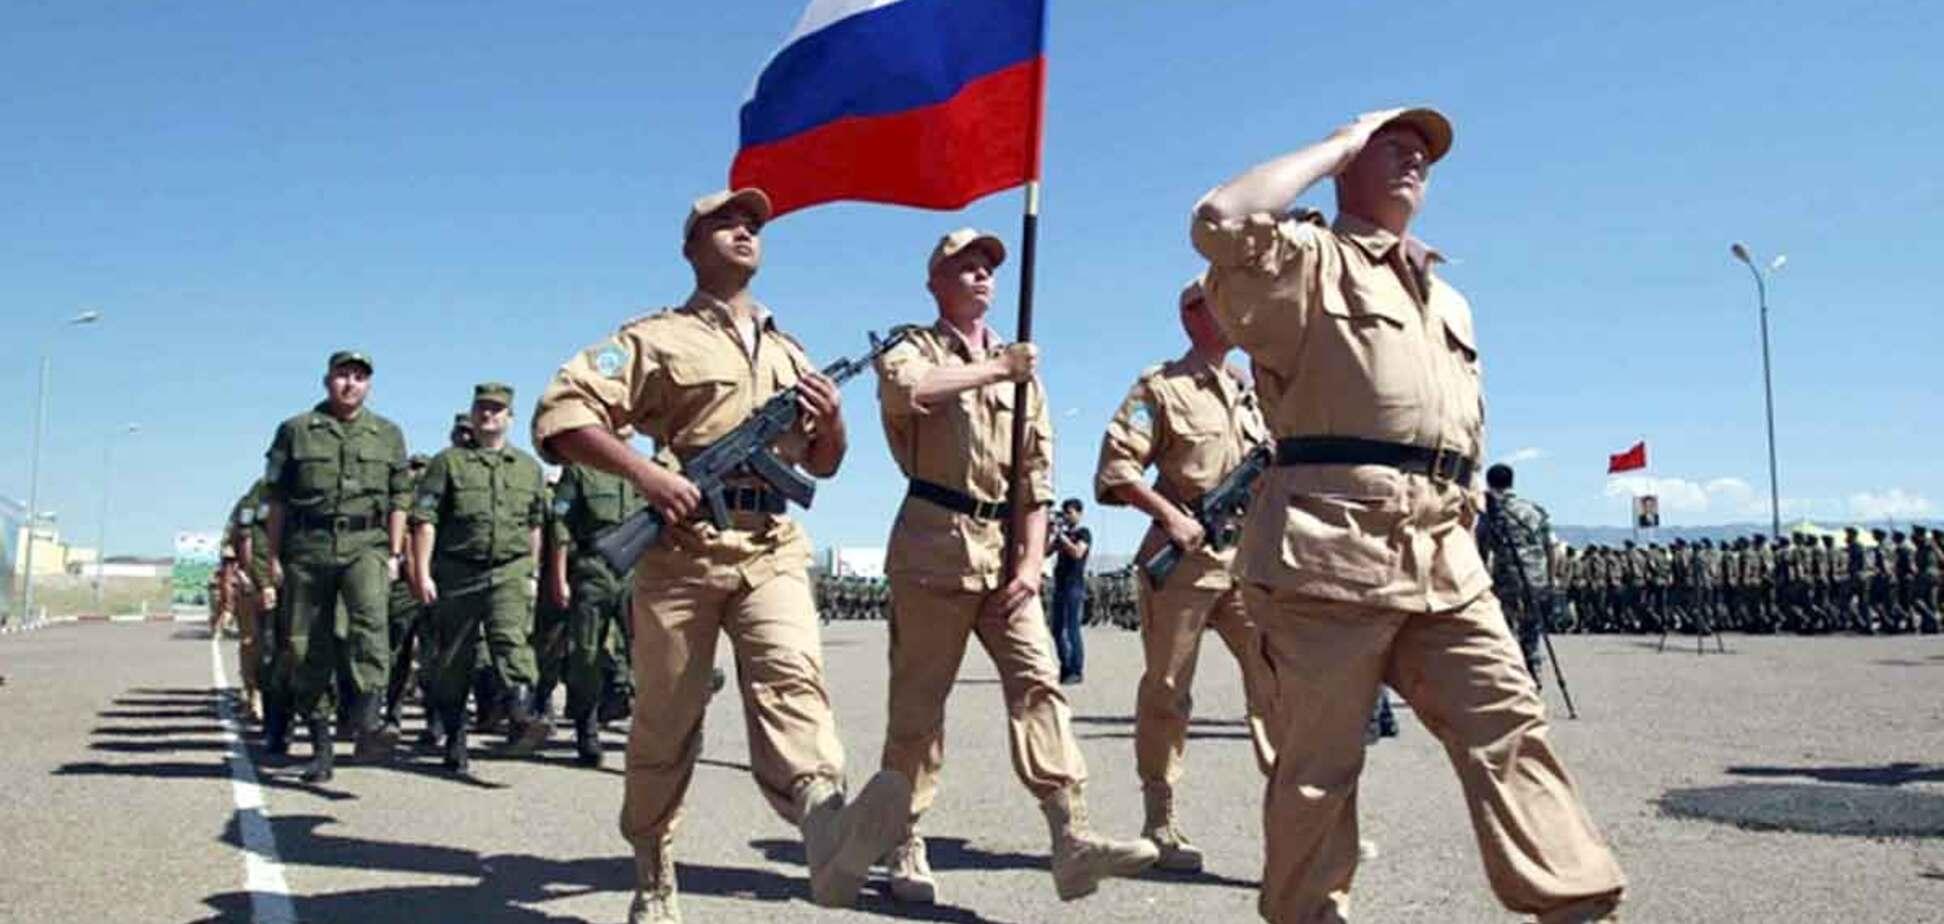 Войска РФ выйдут из Сирии – зайдут на Донбасс? Тымчук прояснил ситуацию